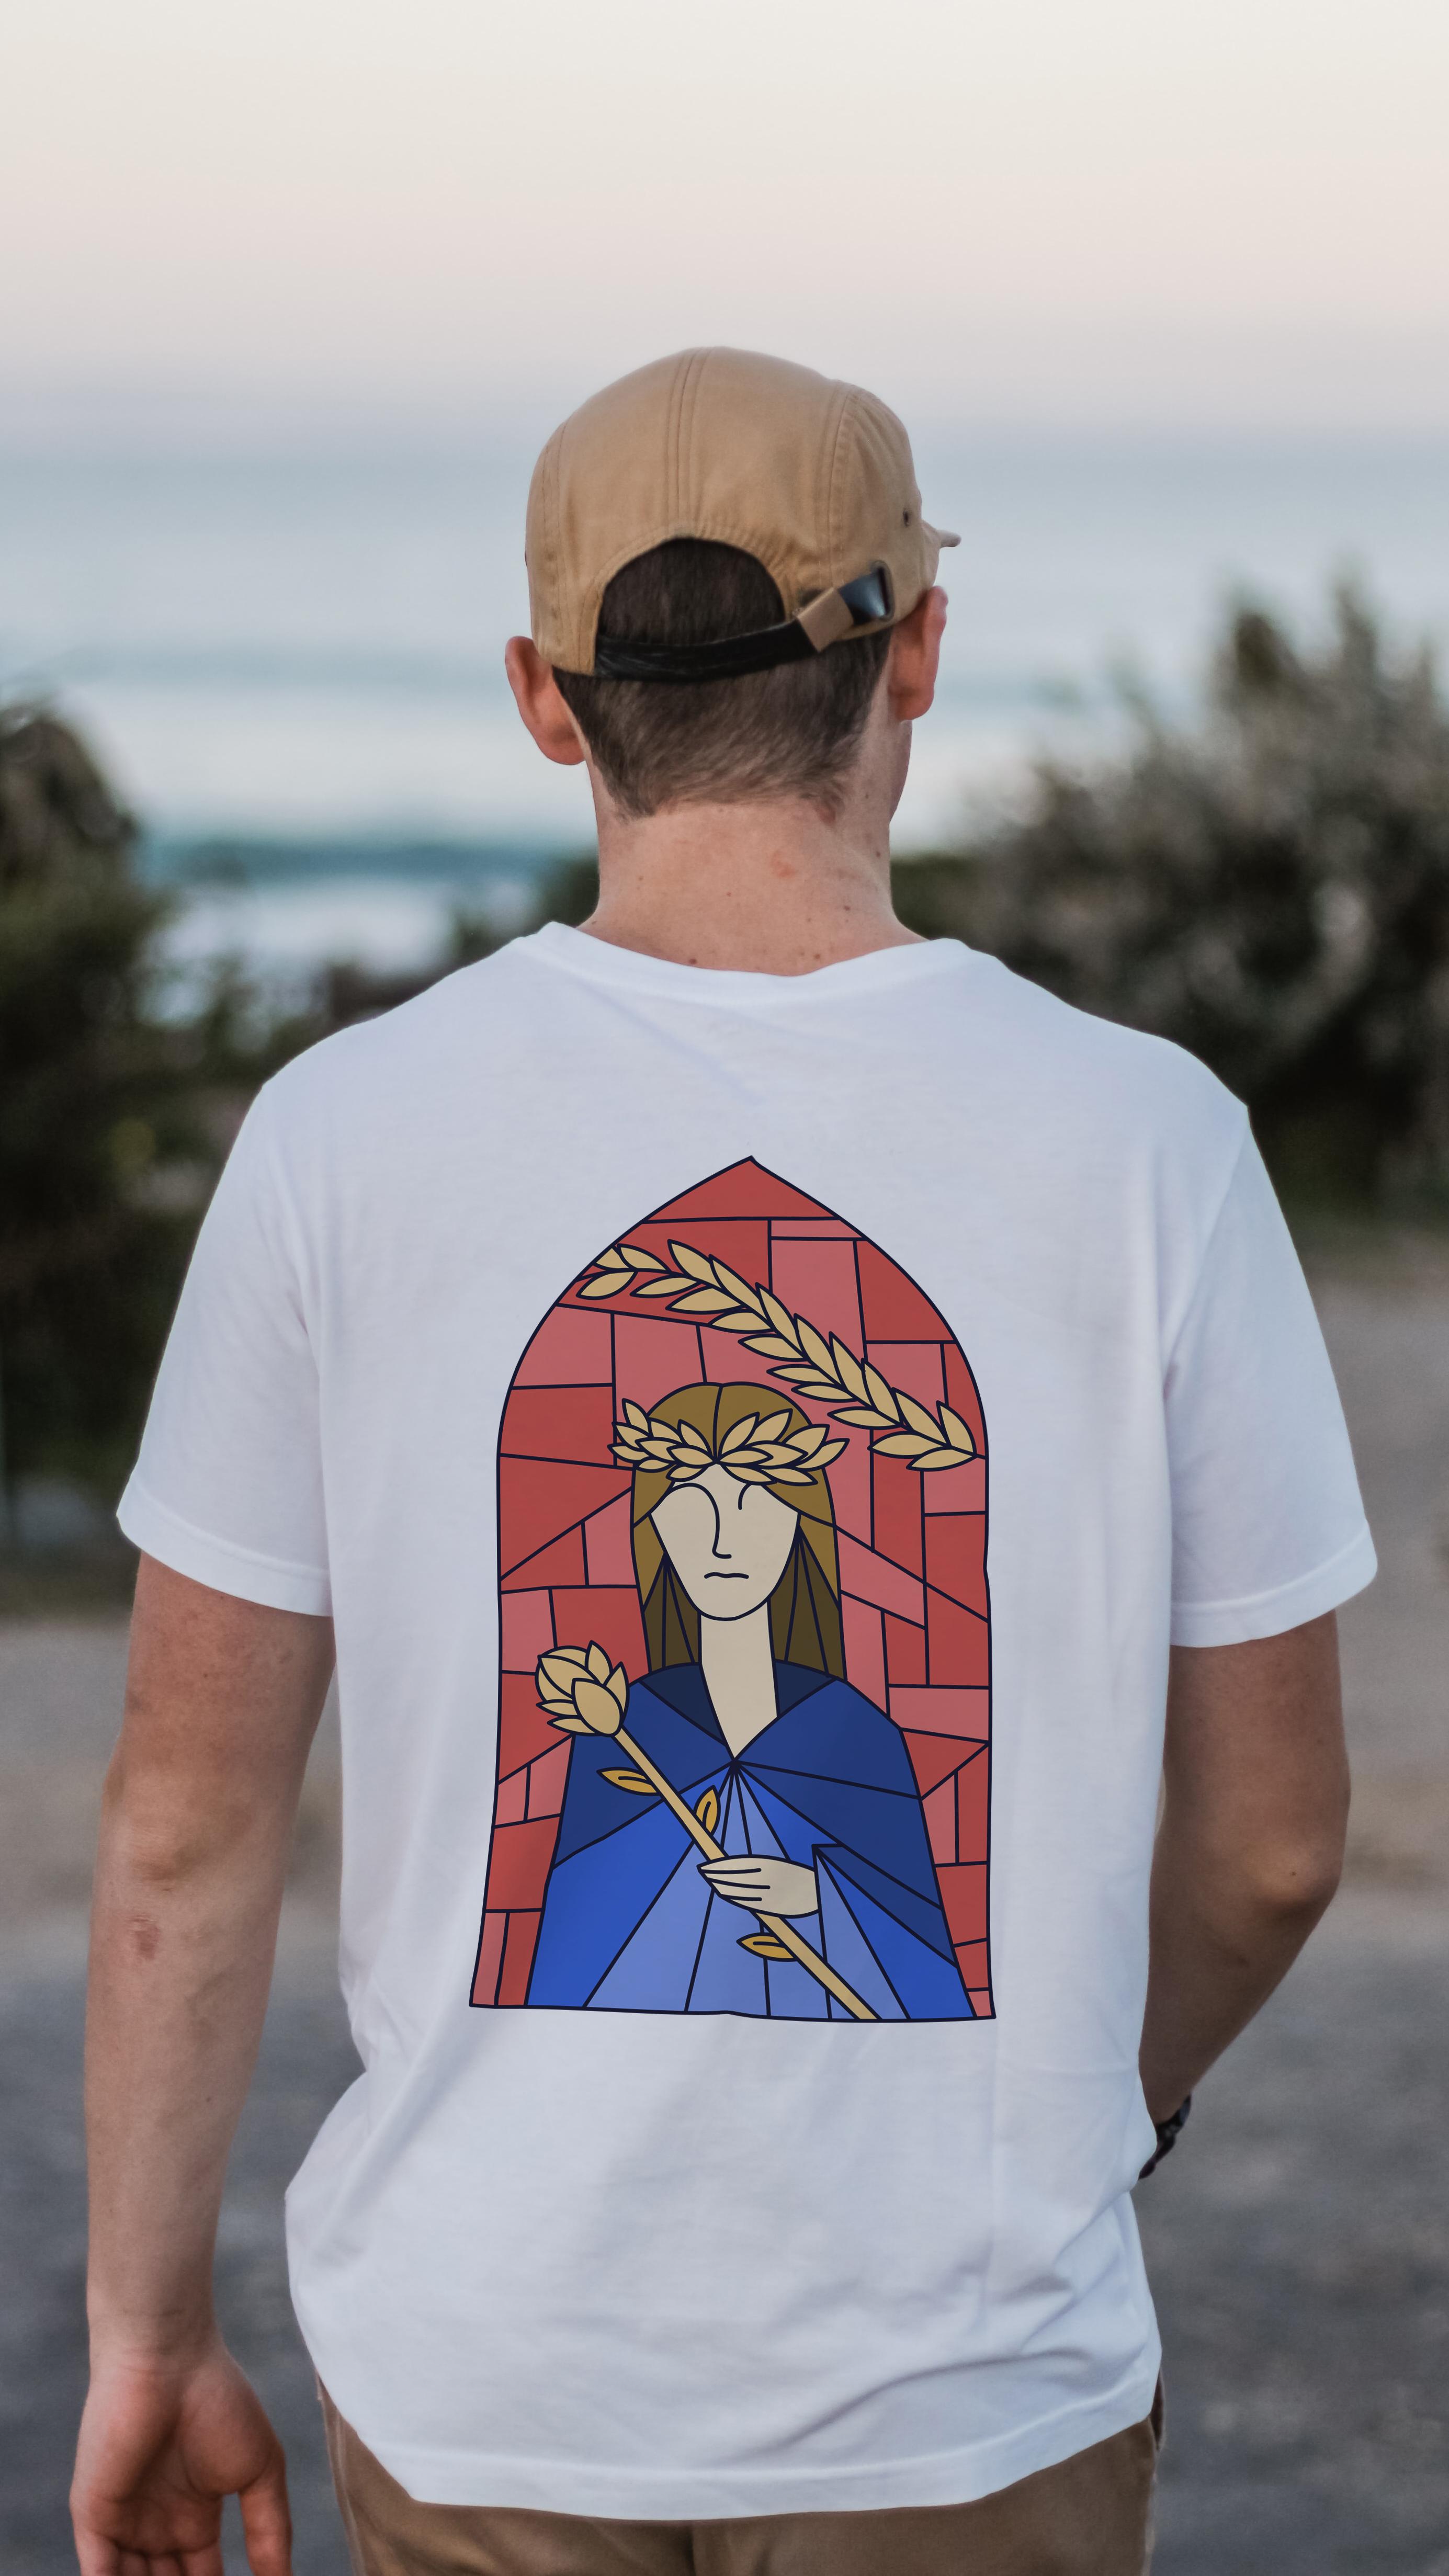 T-shirt de l'identité visuelle de la marque de bière artisanale Notre Dame